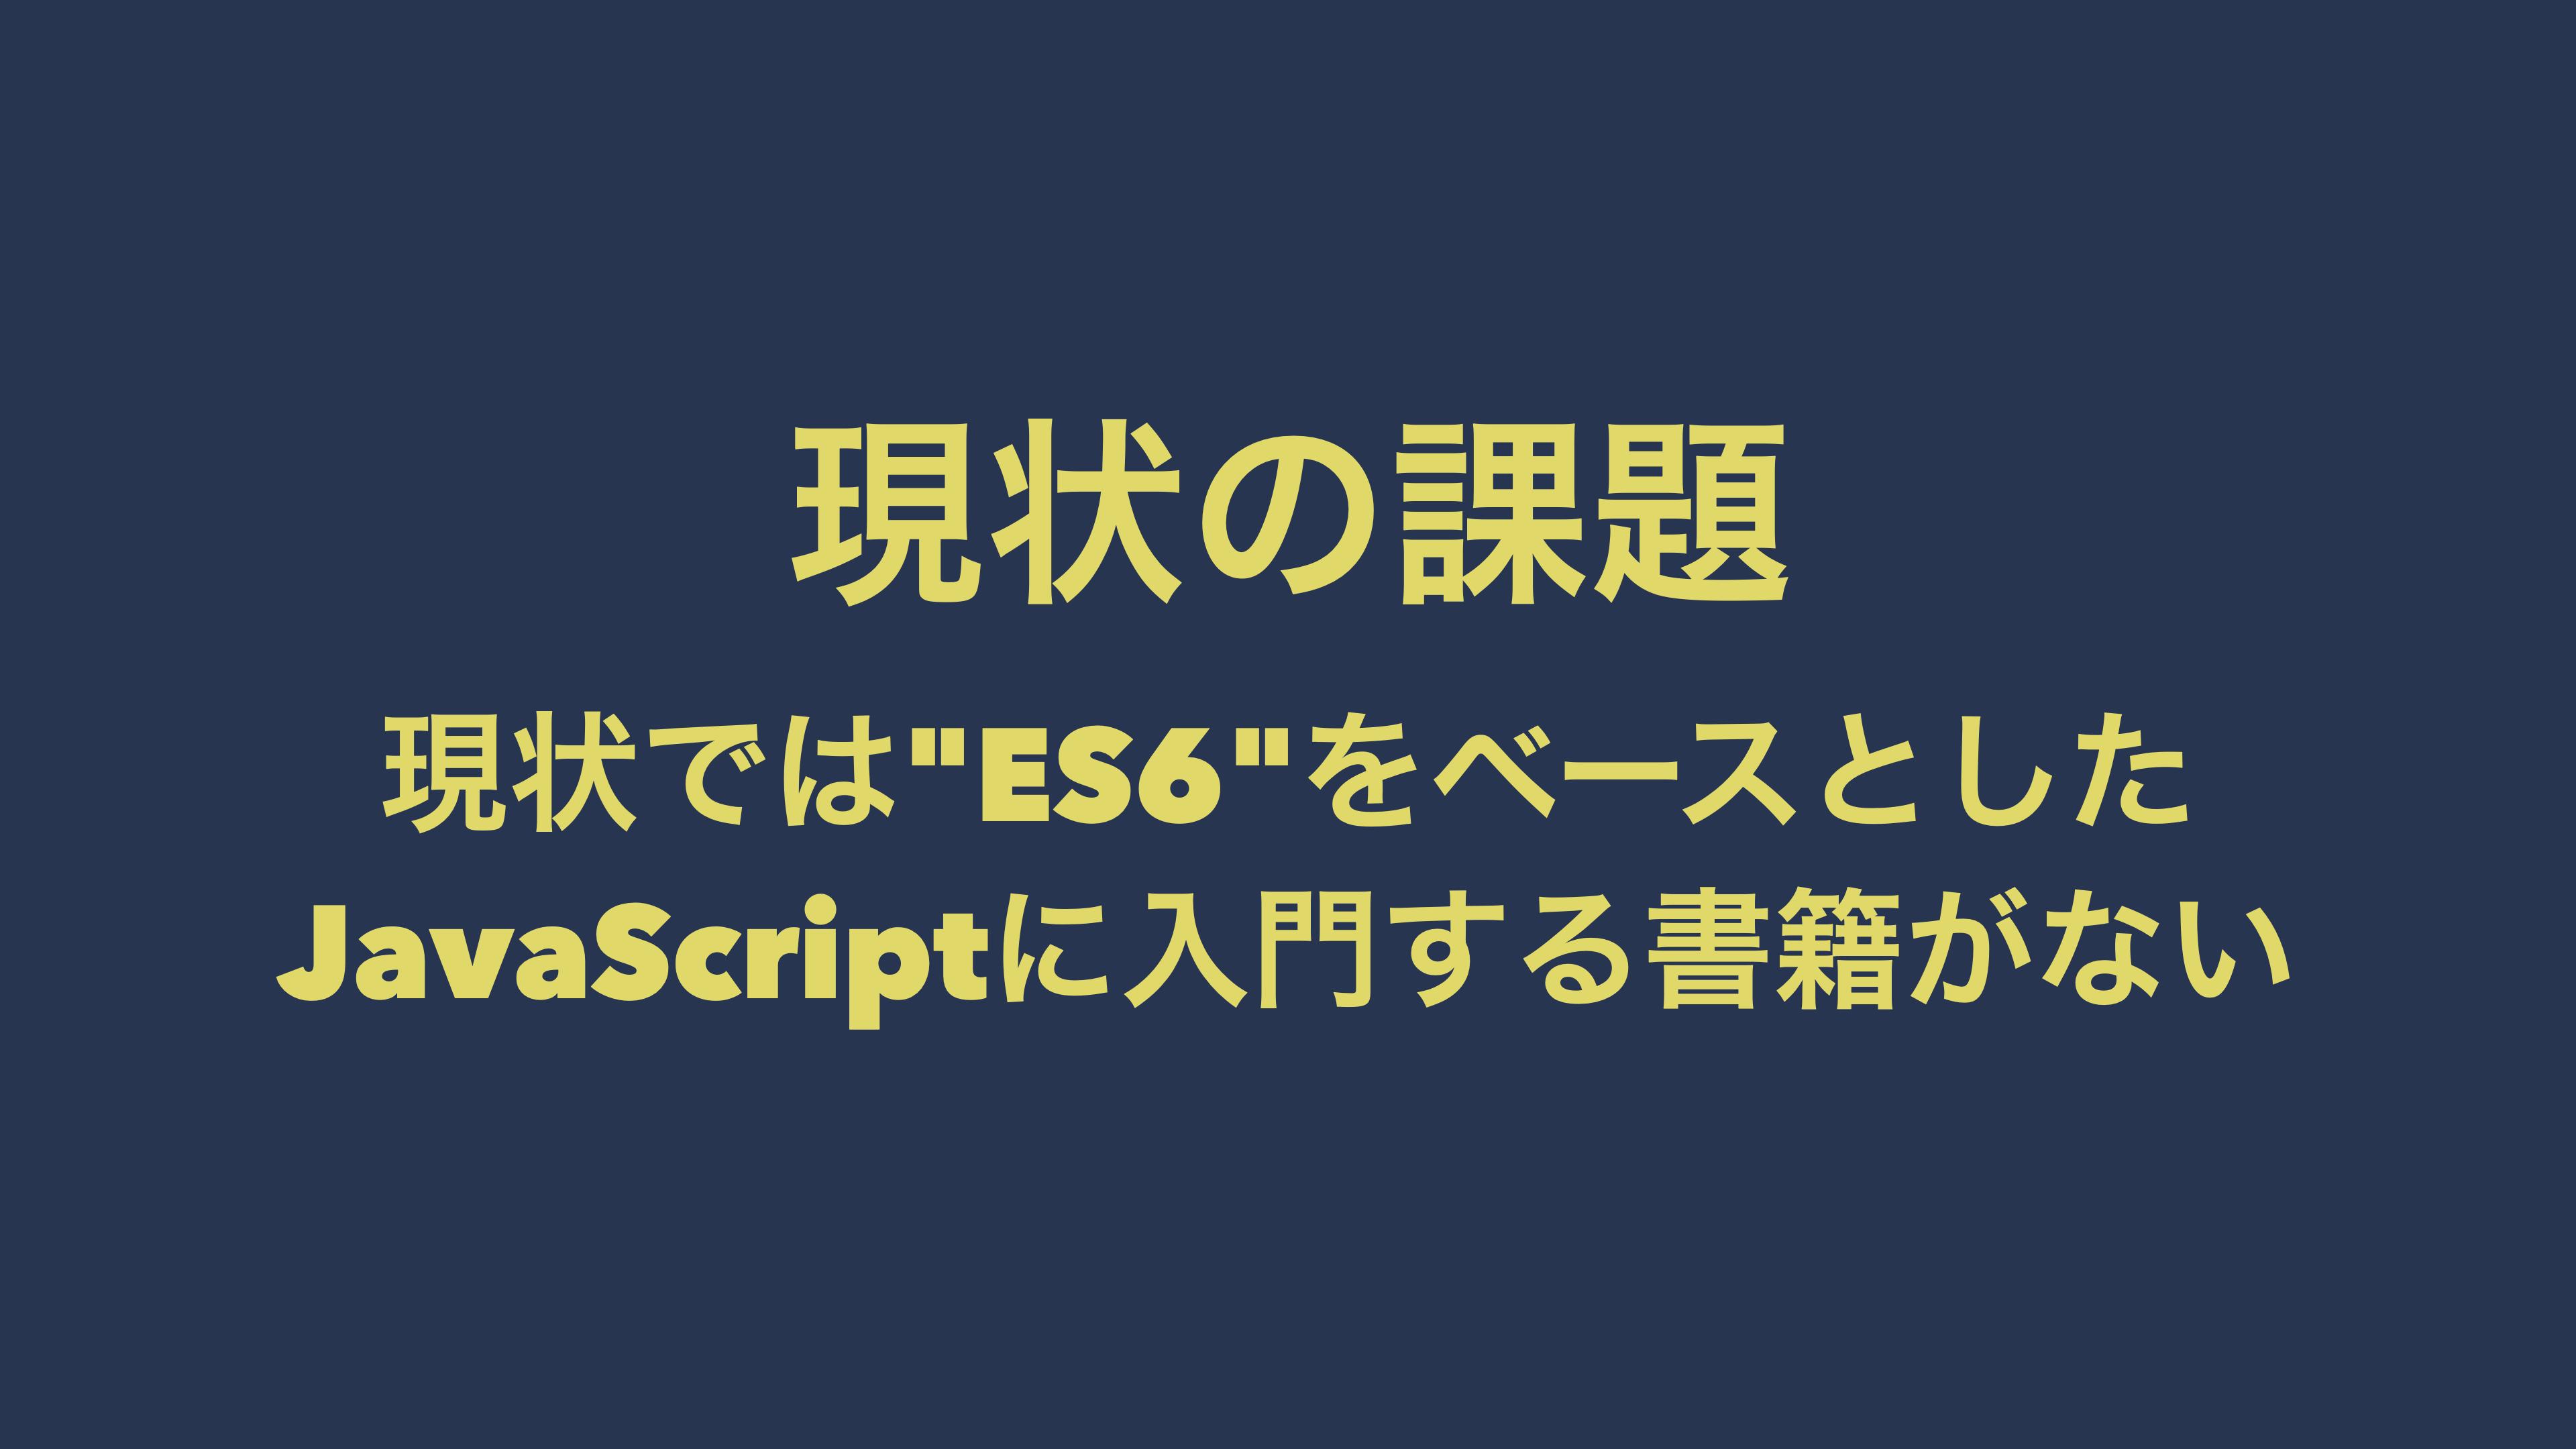 スライド: ES6をベースとした書籍がない